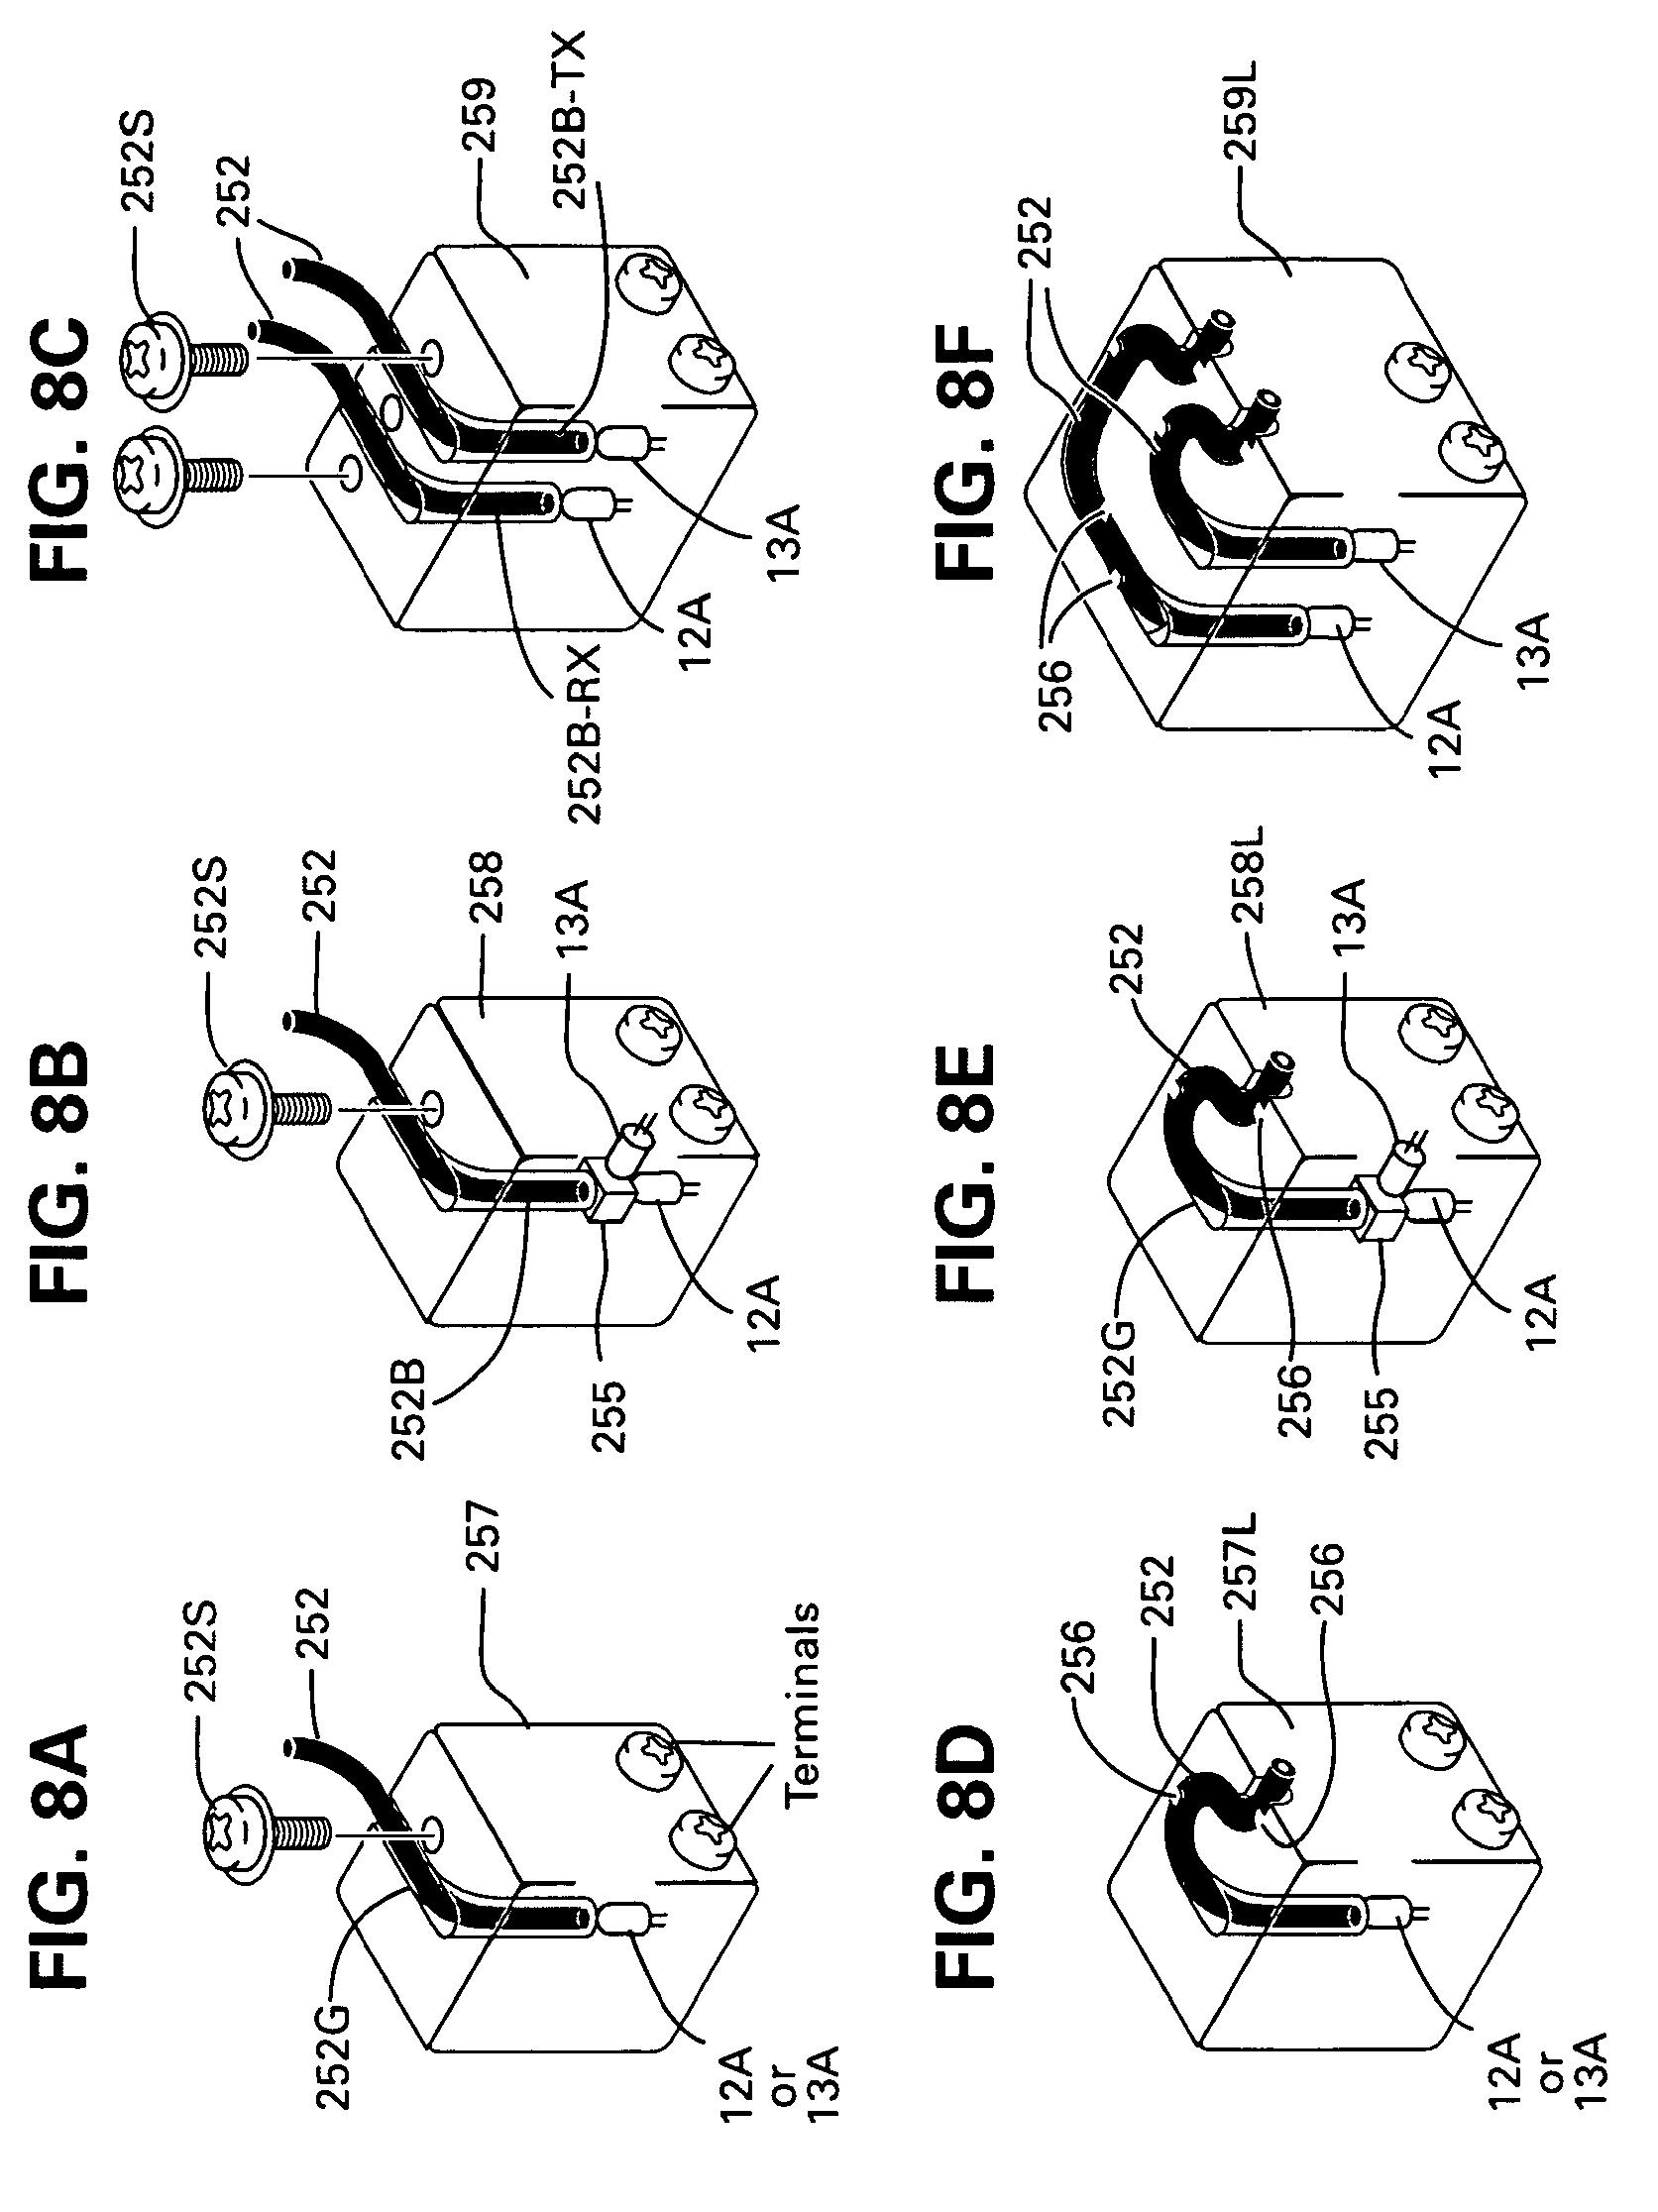 patent us8331795